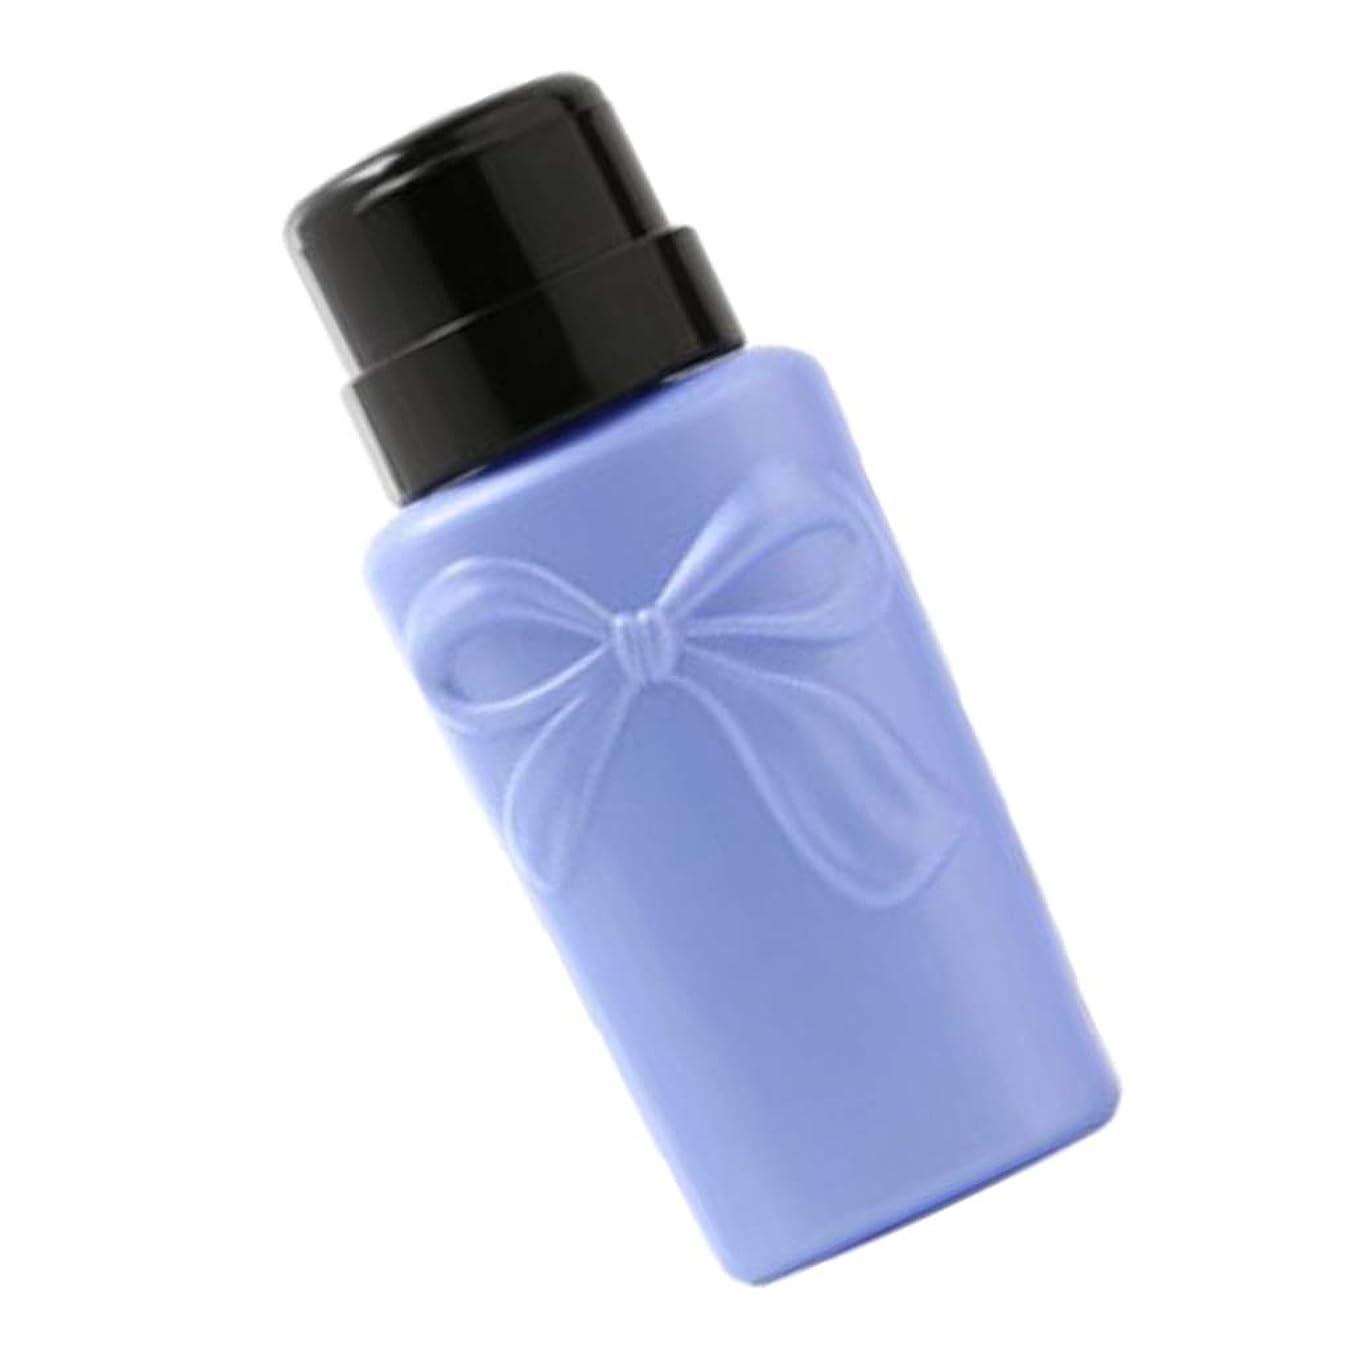 悲劇的な有益機関B Blesiya 2カラー ネイルポリッシュリムーバー ポンプボトル プッシュボトル 230ミリリットル - ブルー